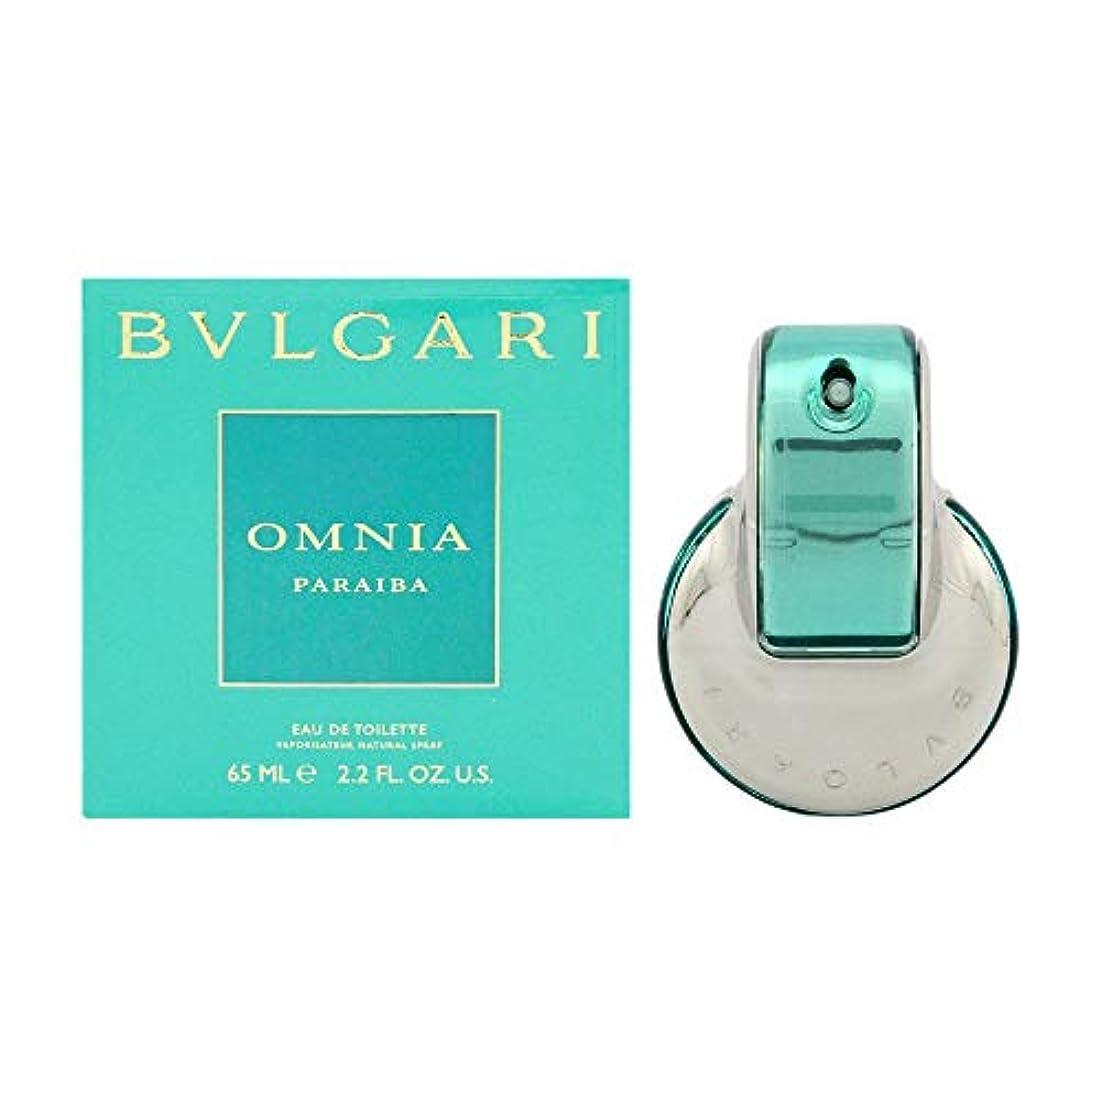 プロフィール登場承認するBVLGARI ブルガリ オムニアパライバ 65ml EDT レディース 香水 [並行輸入品]